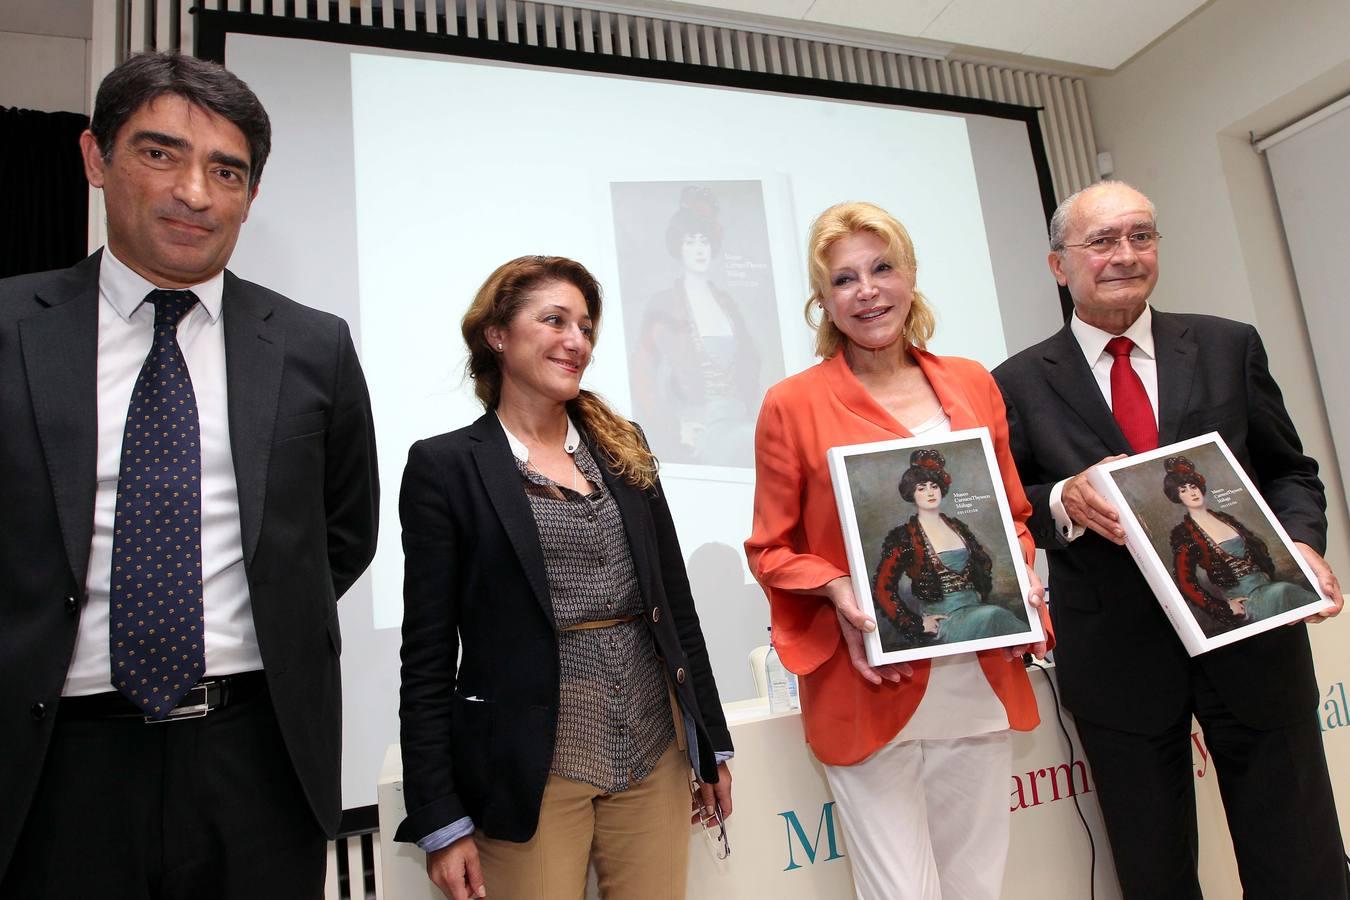 La baronesa presenta el catálogo de su colección en Málaga